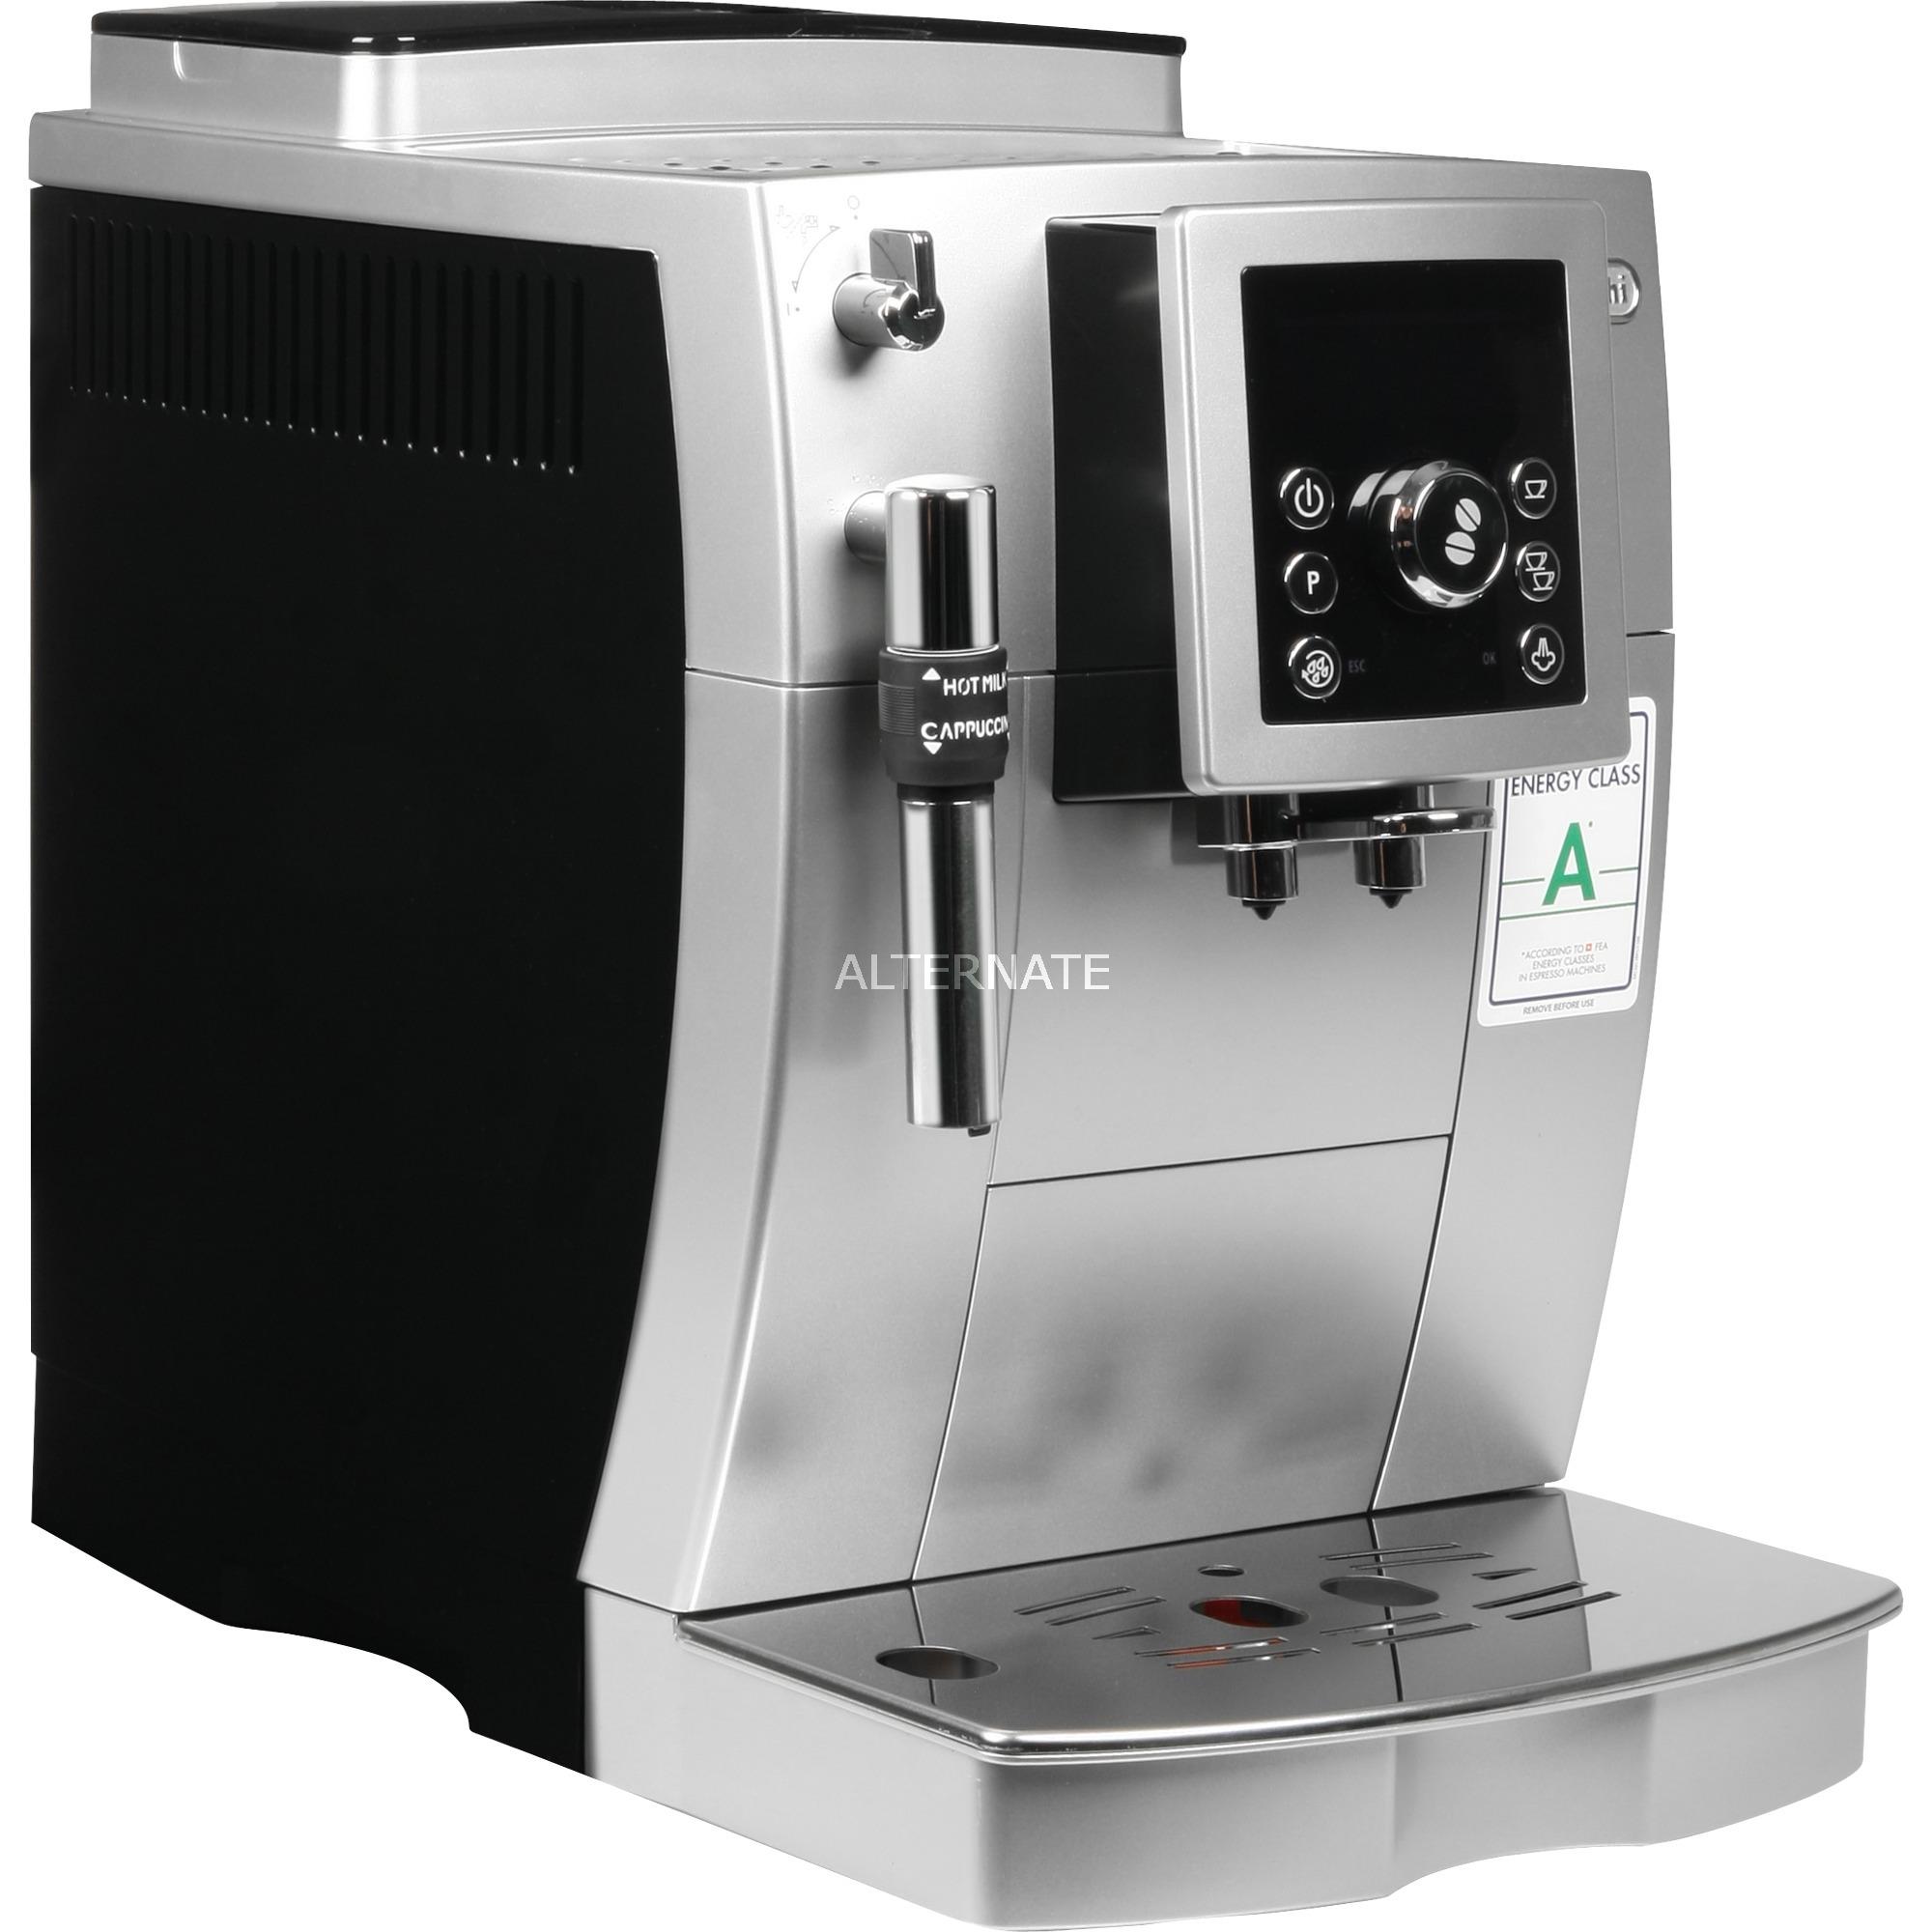 ECAM 23.420.SB cafetera eléctrica Máquina espresso Negro, Plata 1,8 L 2 tazas, Superautomática